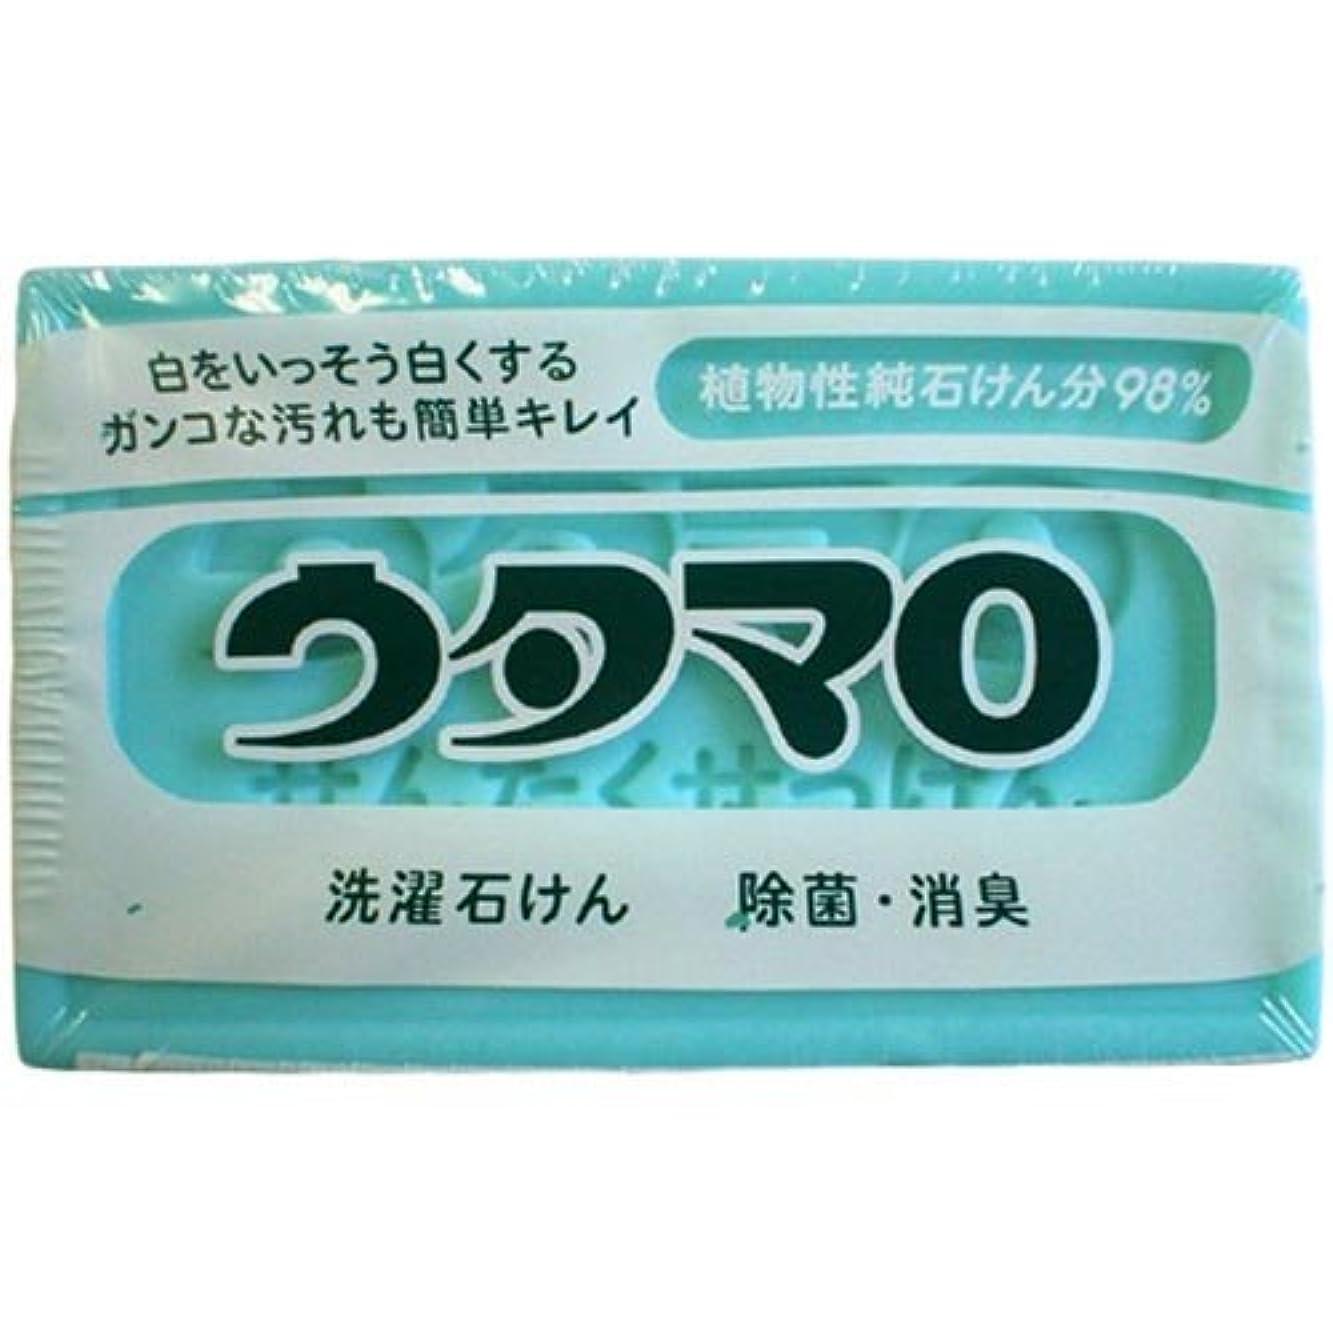 立方体司令官指令東邦 ウタマロ マホー石鹸 3個セット TO-SE3